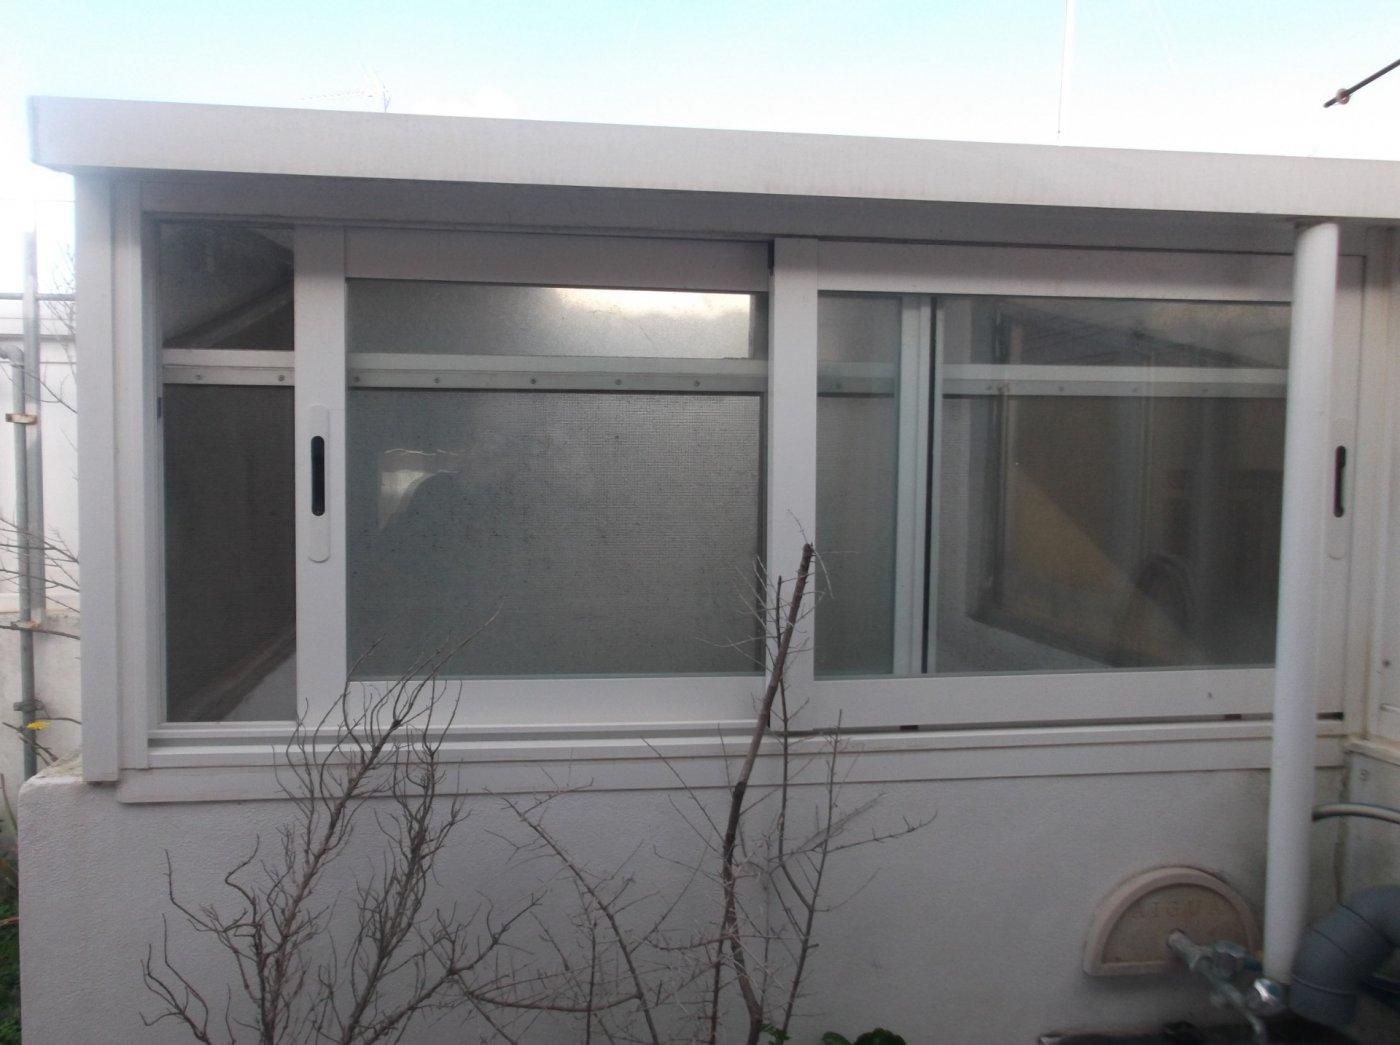 En venta casa de pueblo reformada 3 alturas estilo mallorquin centro llucmajor - imagenInmueble2